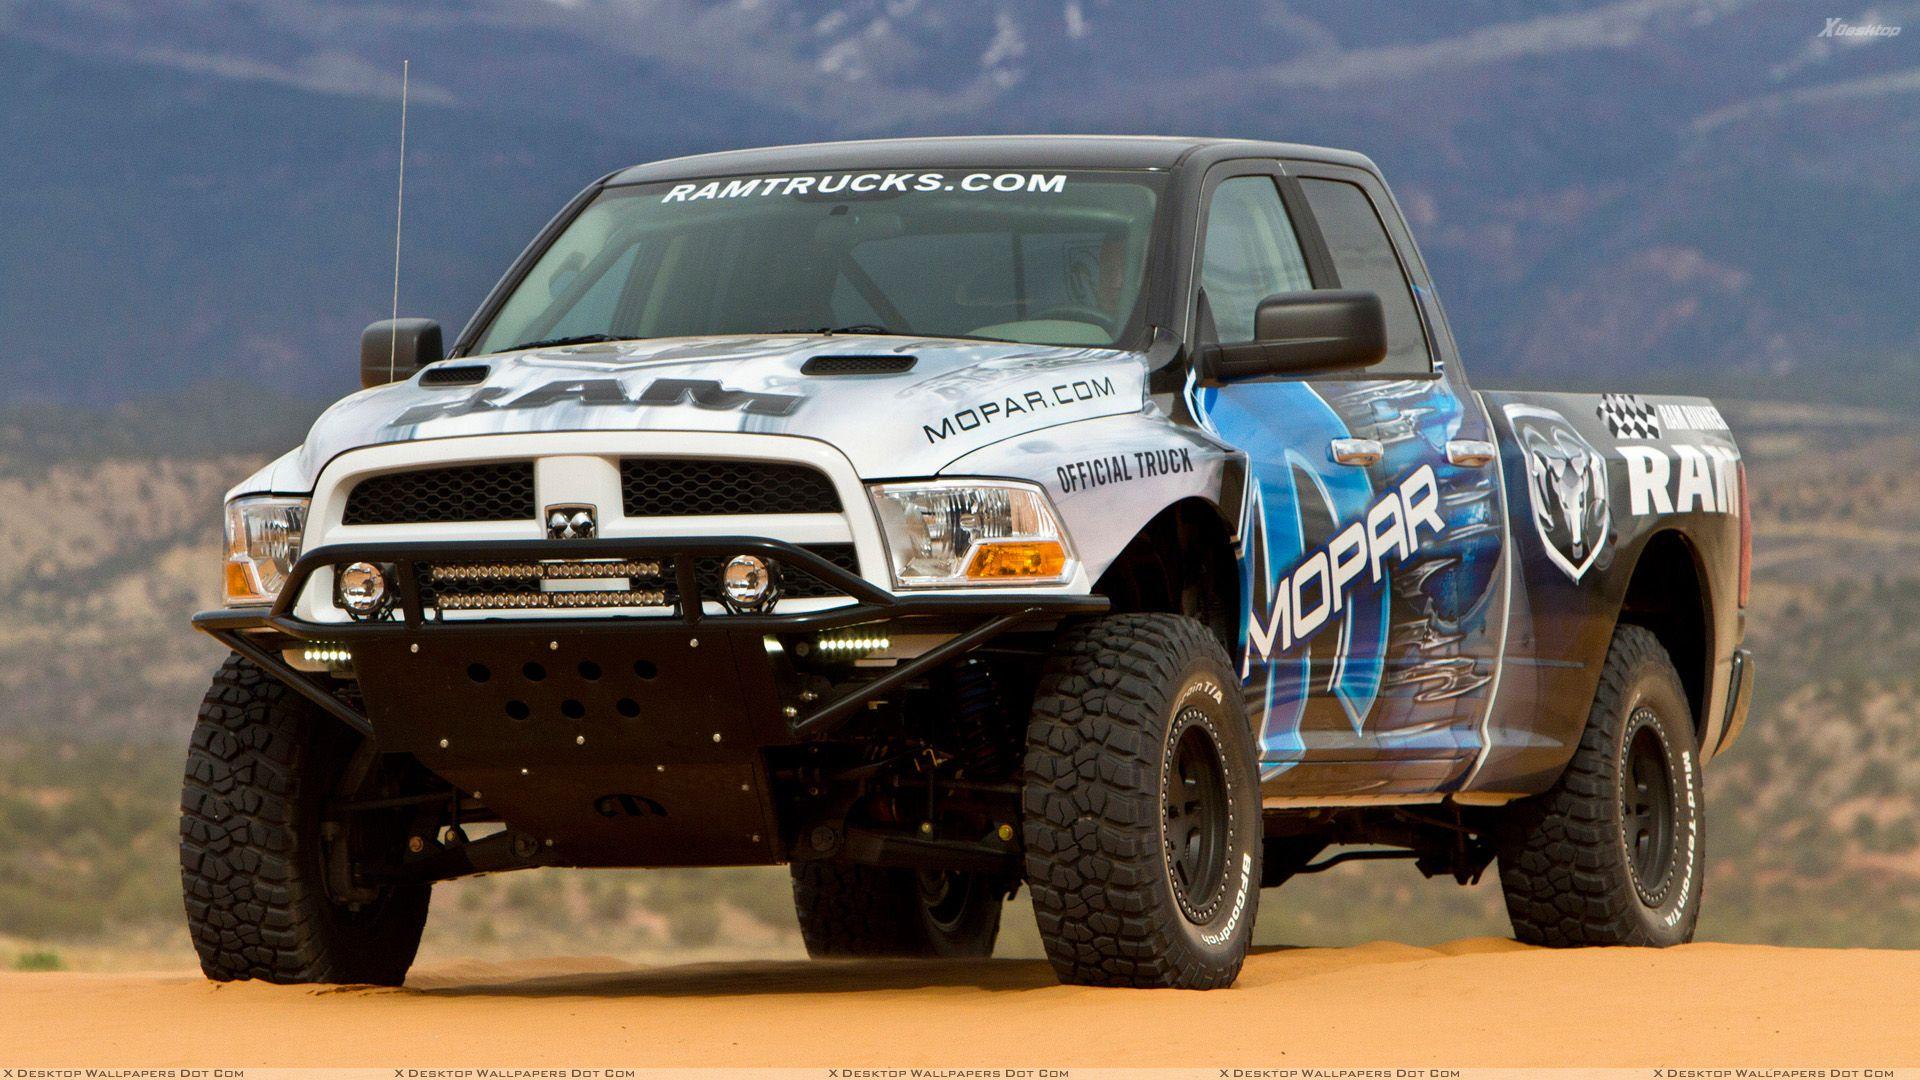 Dodge Ram Wallpaper Dodge Truck Trucks Buses 1024 768 Dodge Truck Wallpapers 44 Wallpapers Adorable Wallpapers Ram Runner Dodge Trucks Ram Dodge